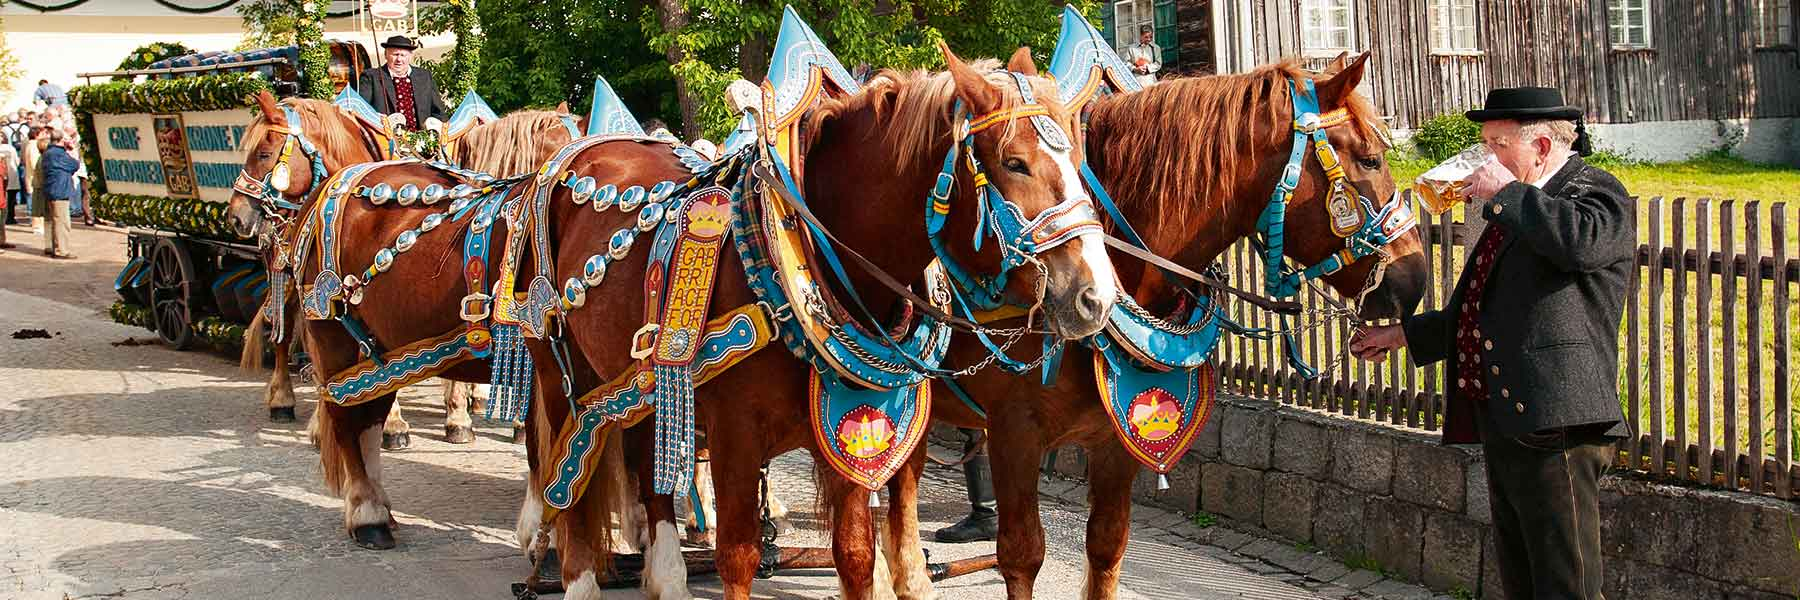 Rottaler Traditionen: Pferdezug an einem Feiertag